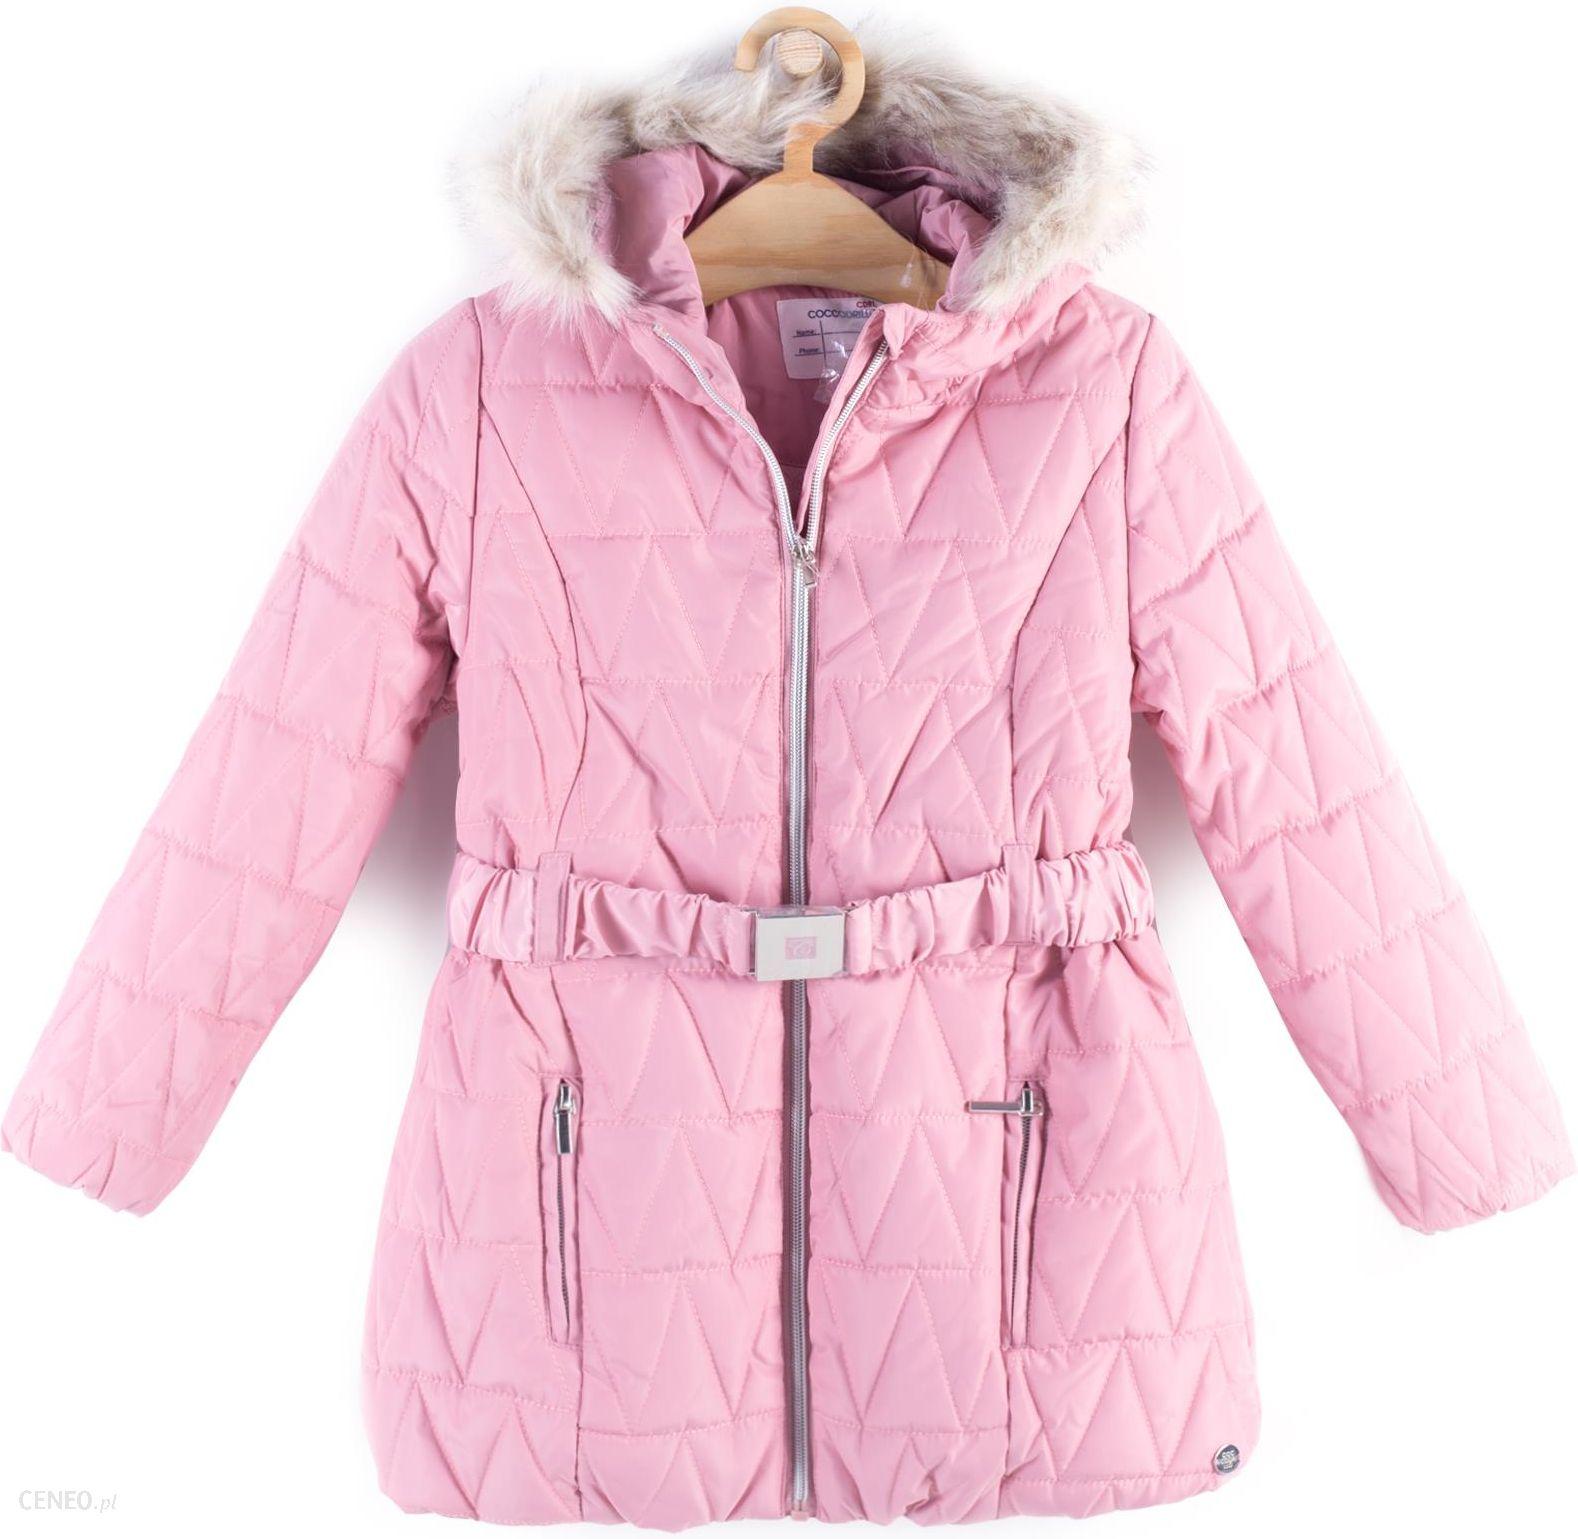 04e65a4bed7ab Płaszcz dla dziewczynki Coccodrillo - TEA TIME - Ceny i opinie ...